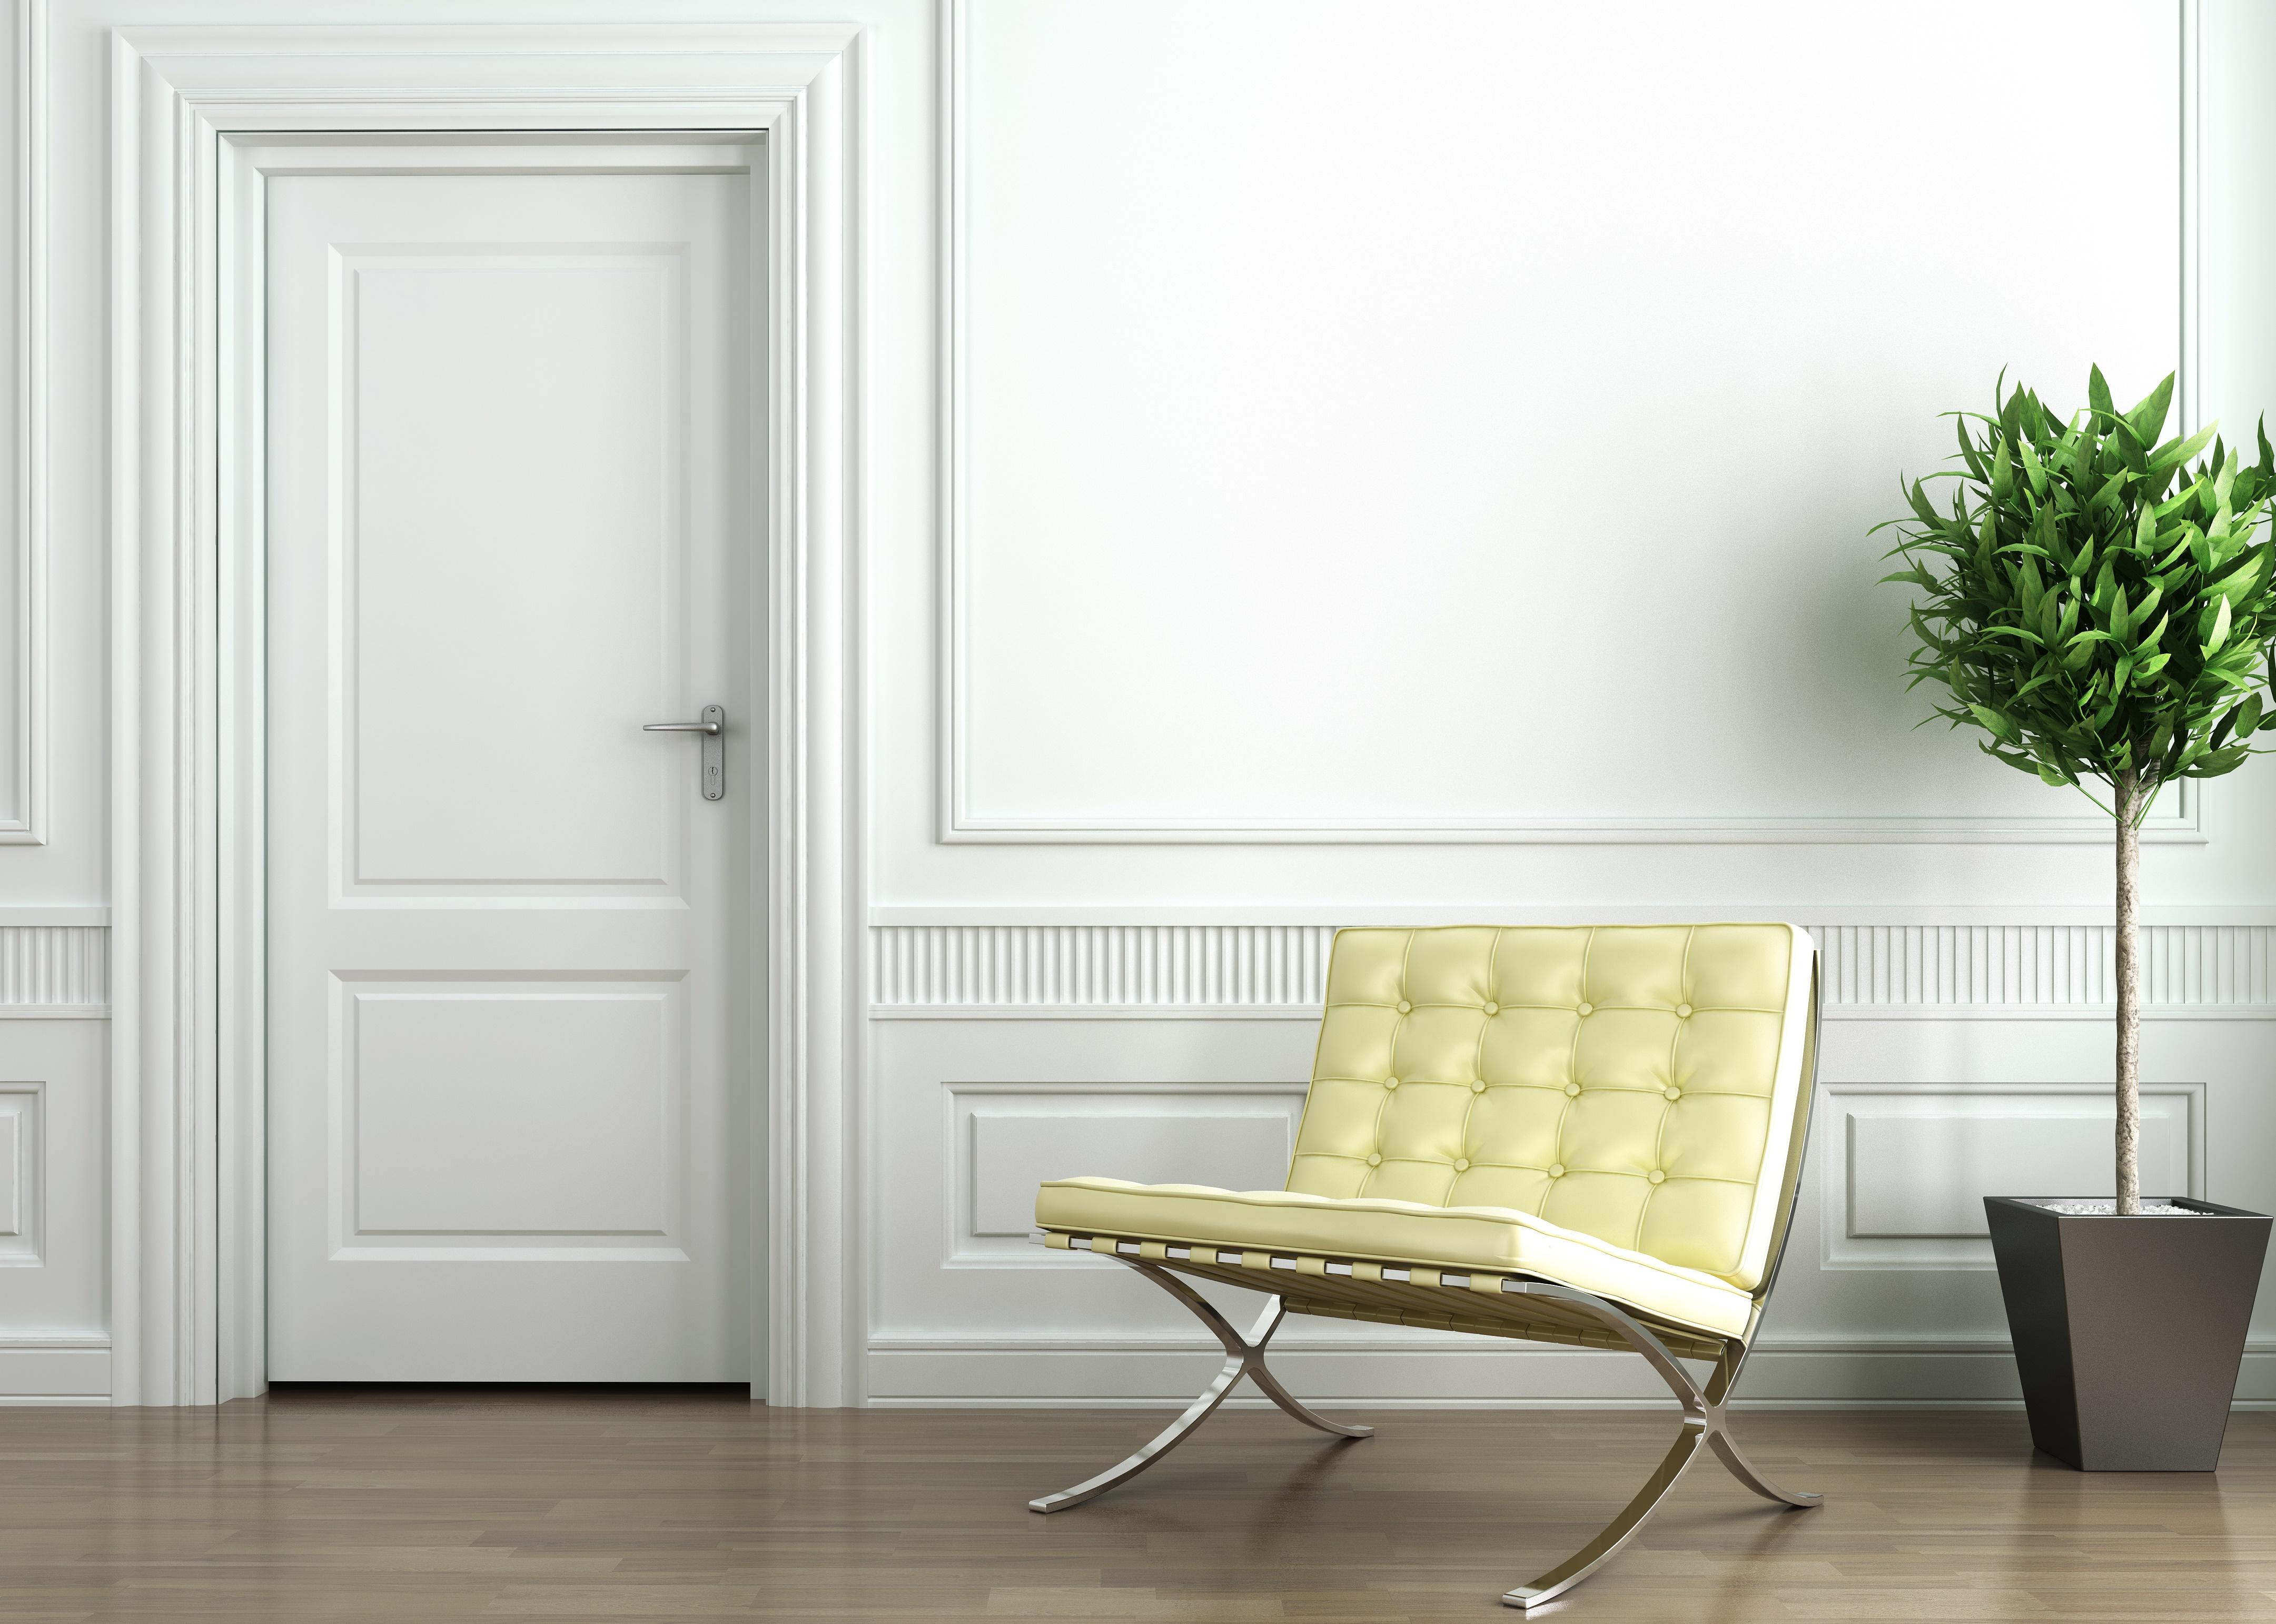 Lacar Puertas En Blanco Pintorist Es ~ Pintar Puertas De Blanco Precio